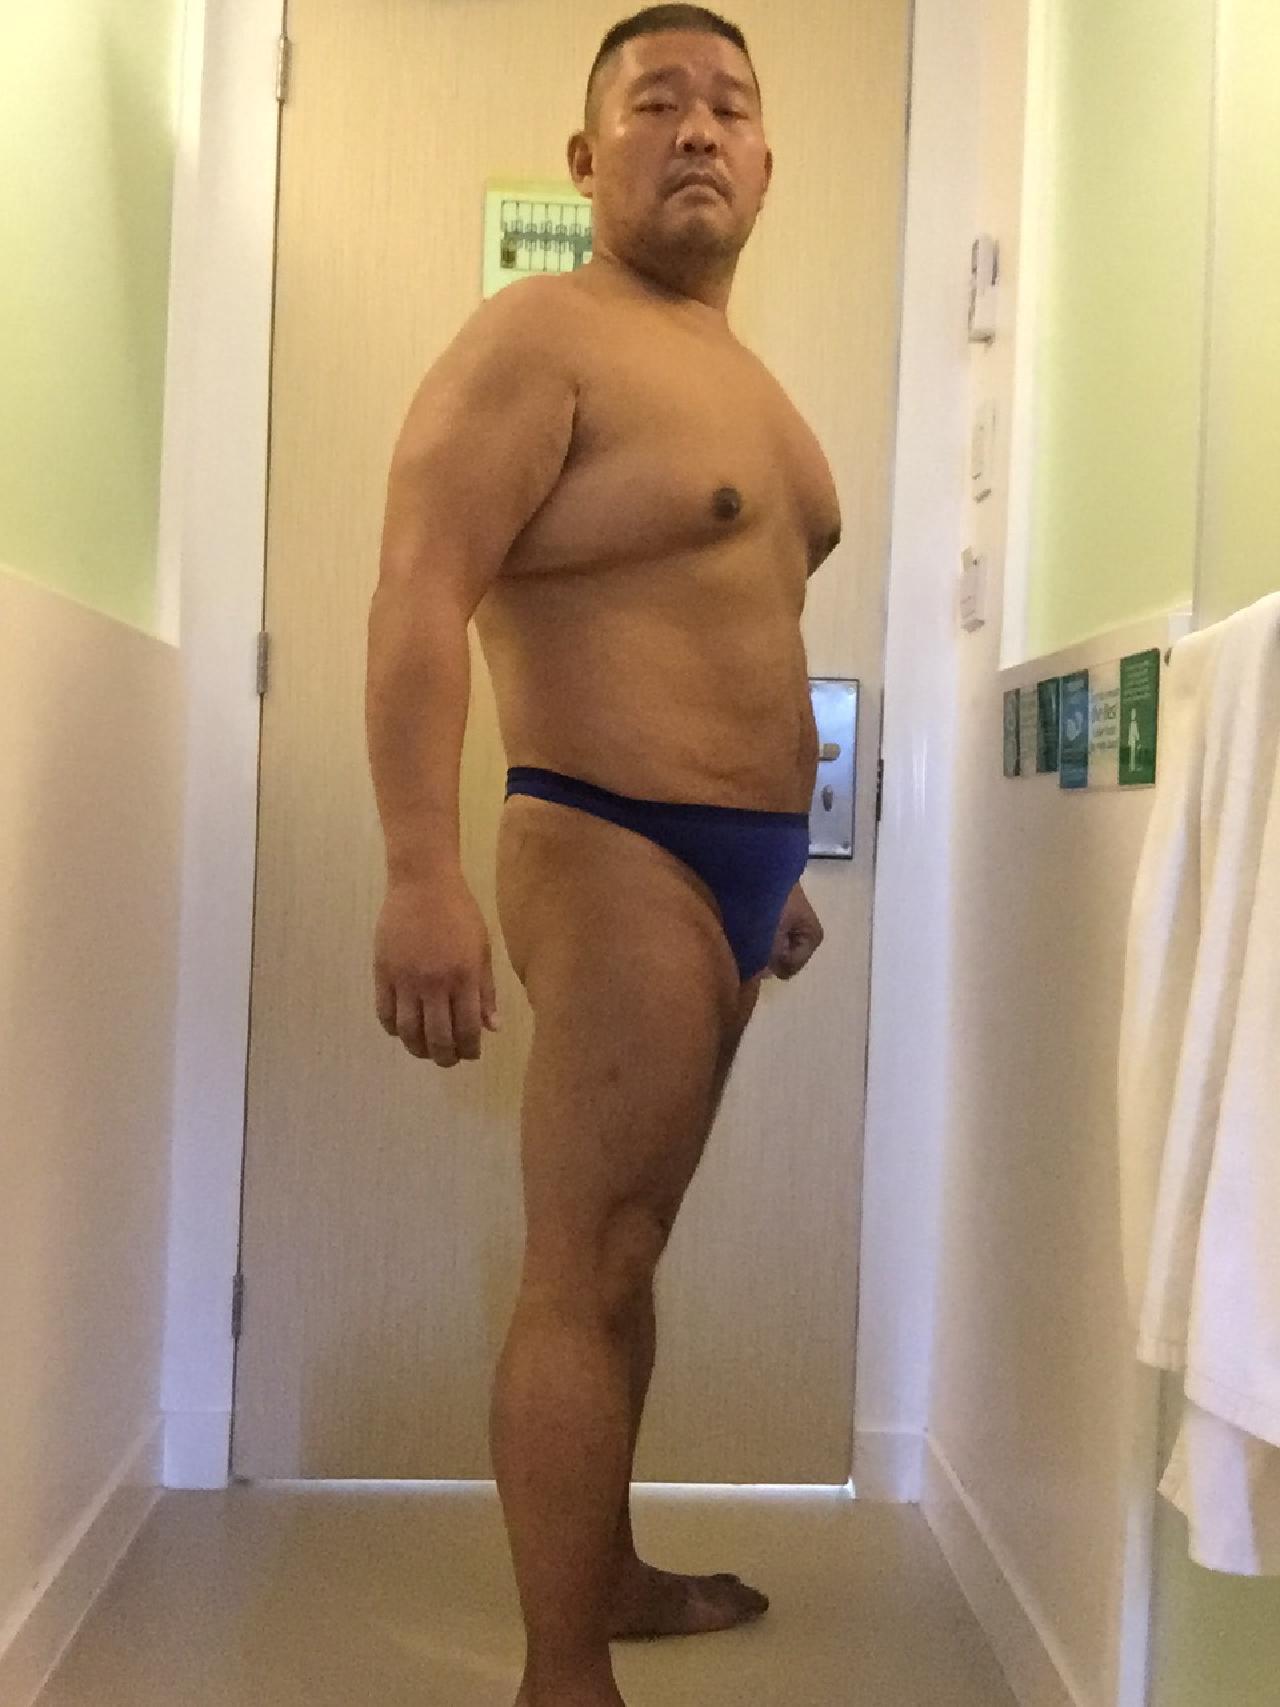 Bikini sun bather (42/218)